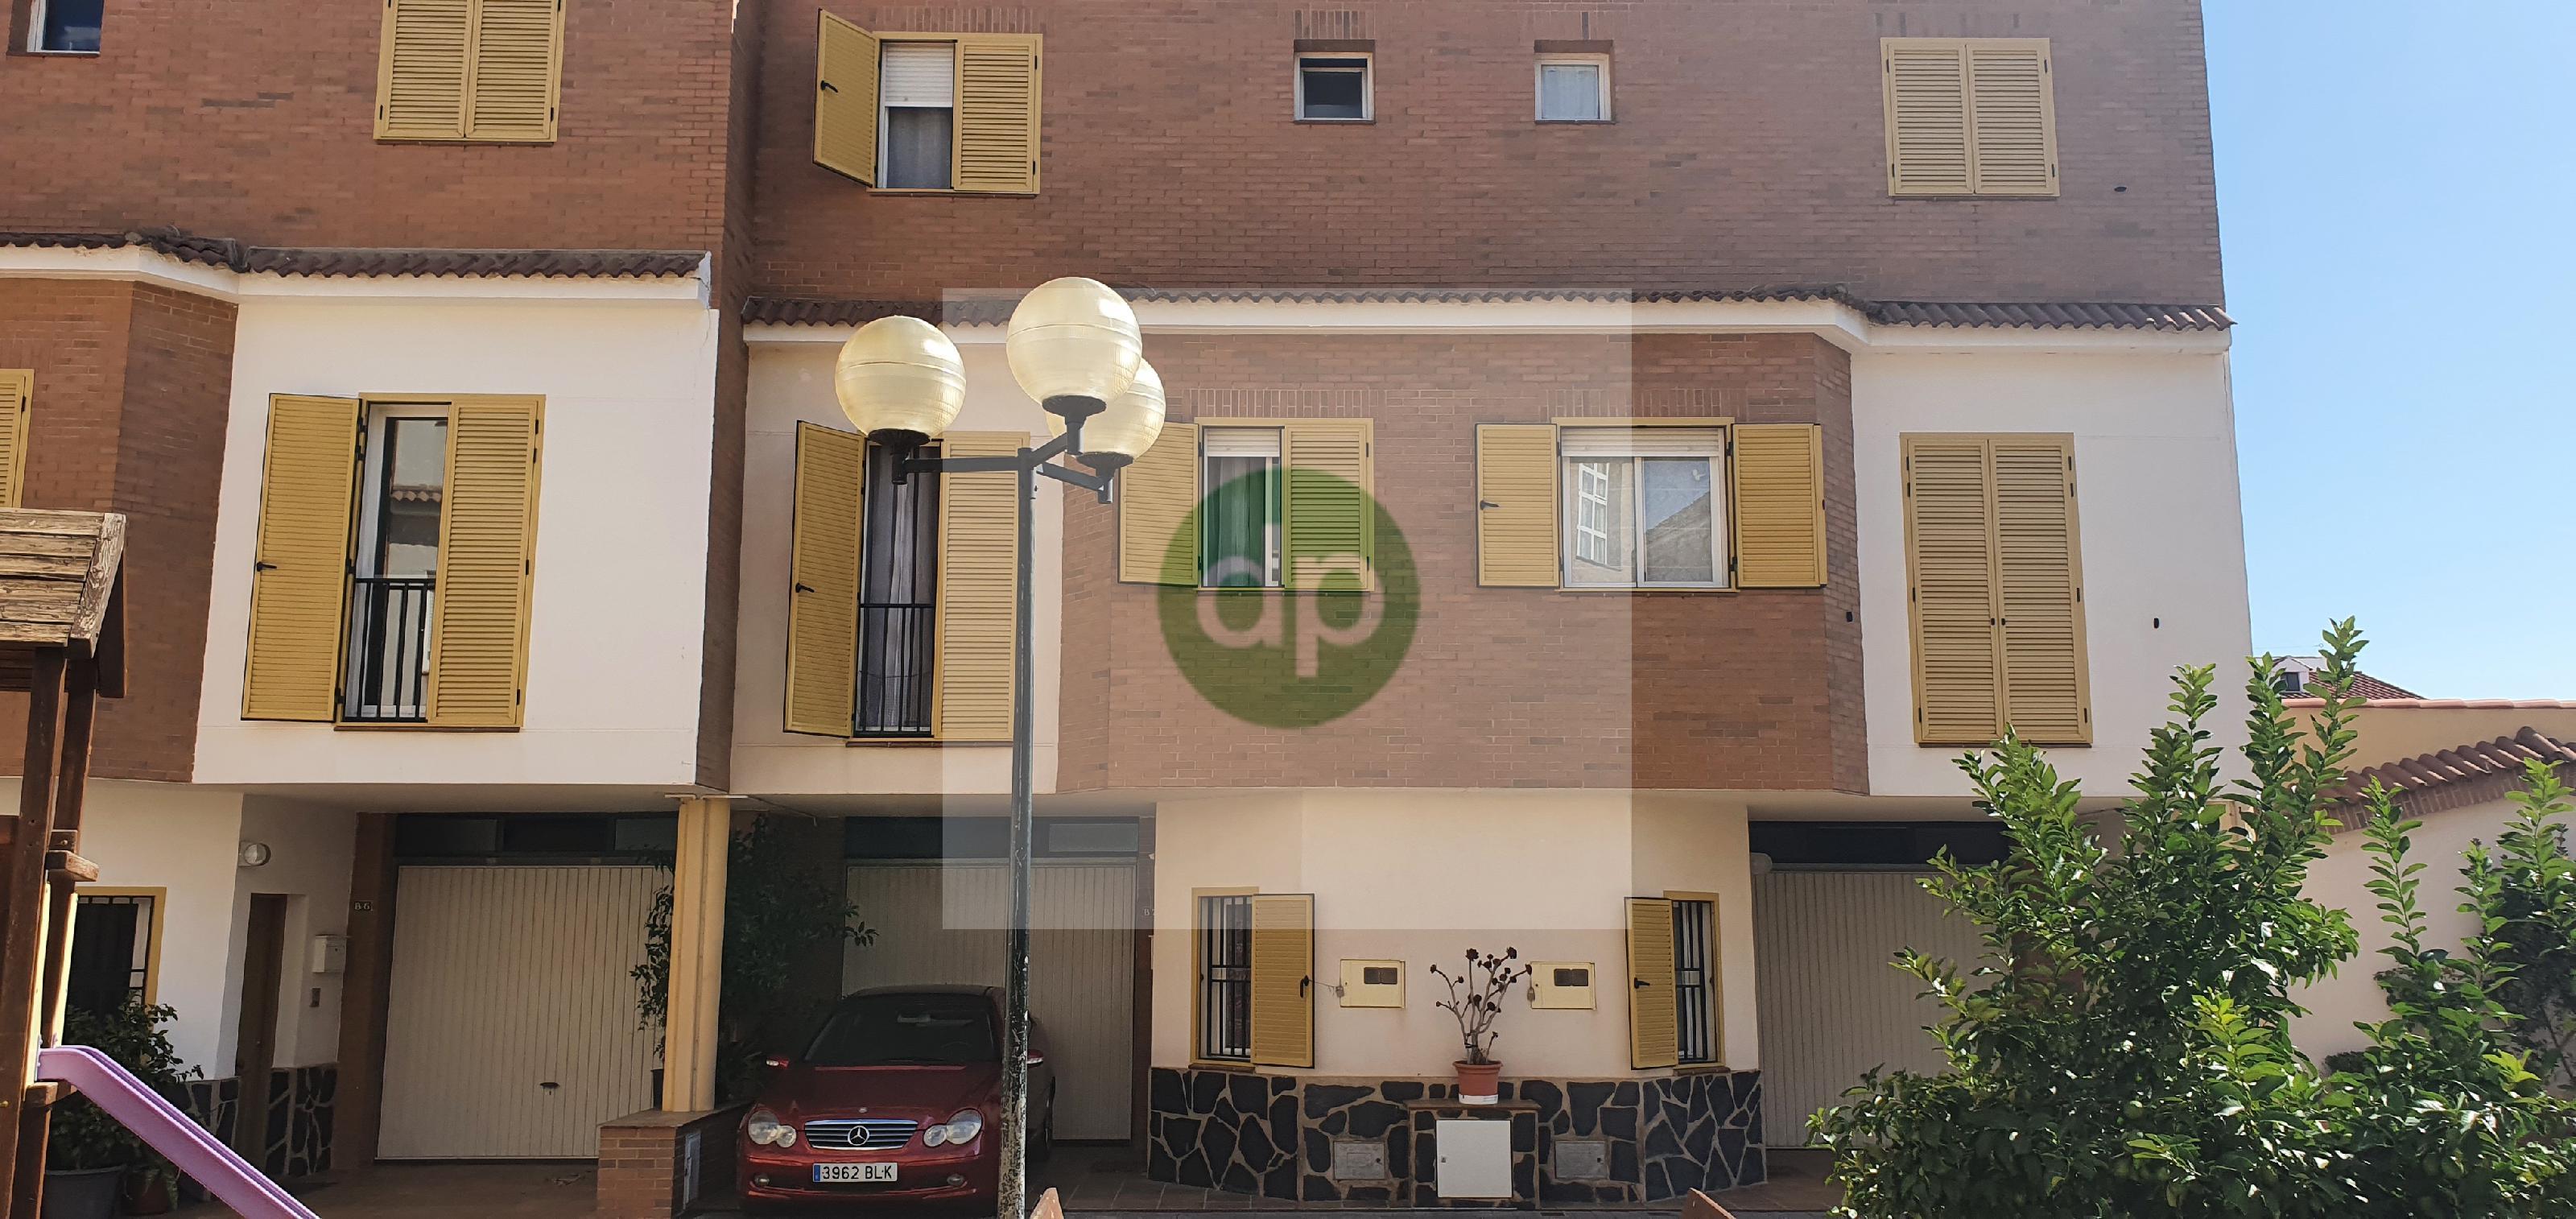 Imagen 1 Casa Adosada en venta en Villanueva De La Serena / Centrico, a pocos minutos de Plaza de E...